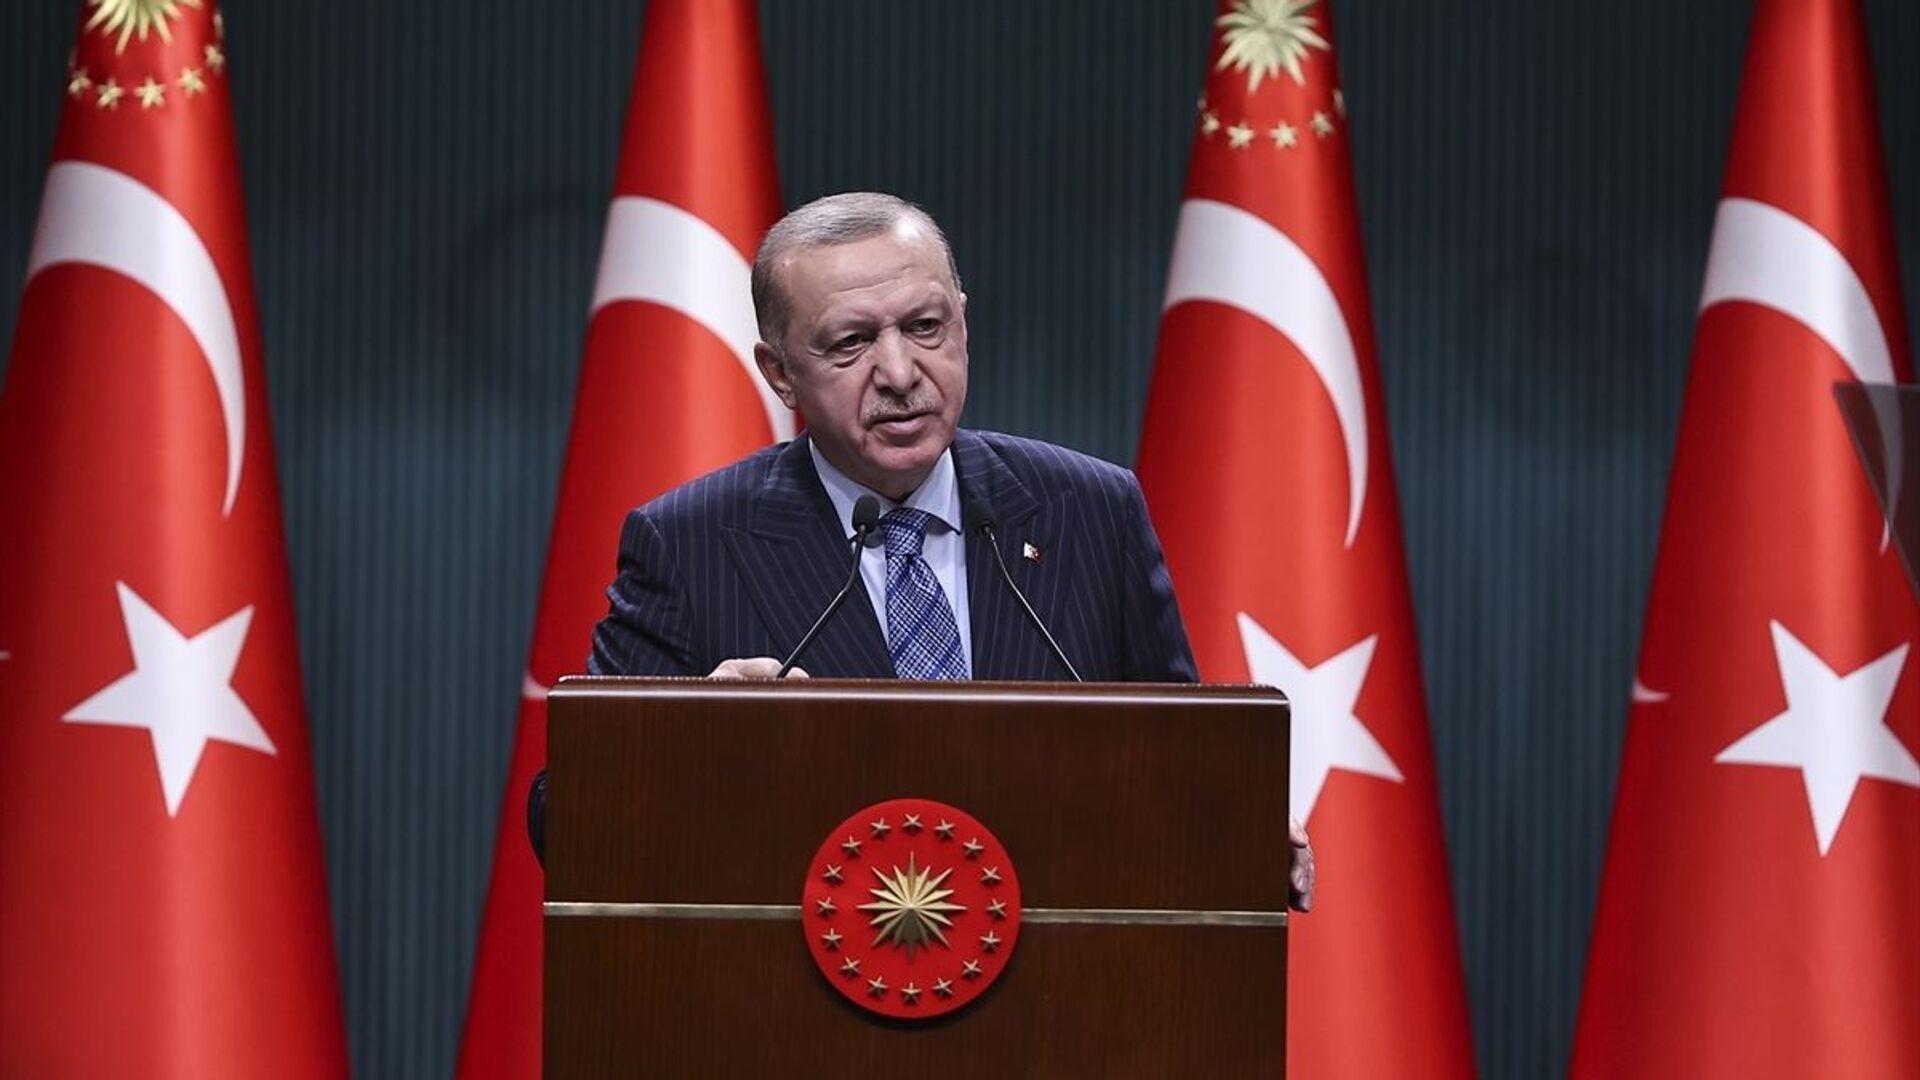 Türkiye Cumhurbaşkanı Recep Tayyip Erdoğan, Cumhurbaşkanlığı Kabine Toplantısı'nın ardından açıklamalarda bulundu. - Sputnik Türkiye, 1920, 05.07.2021